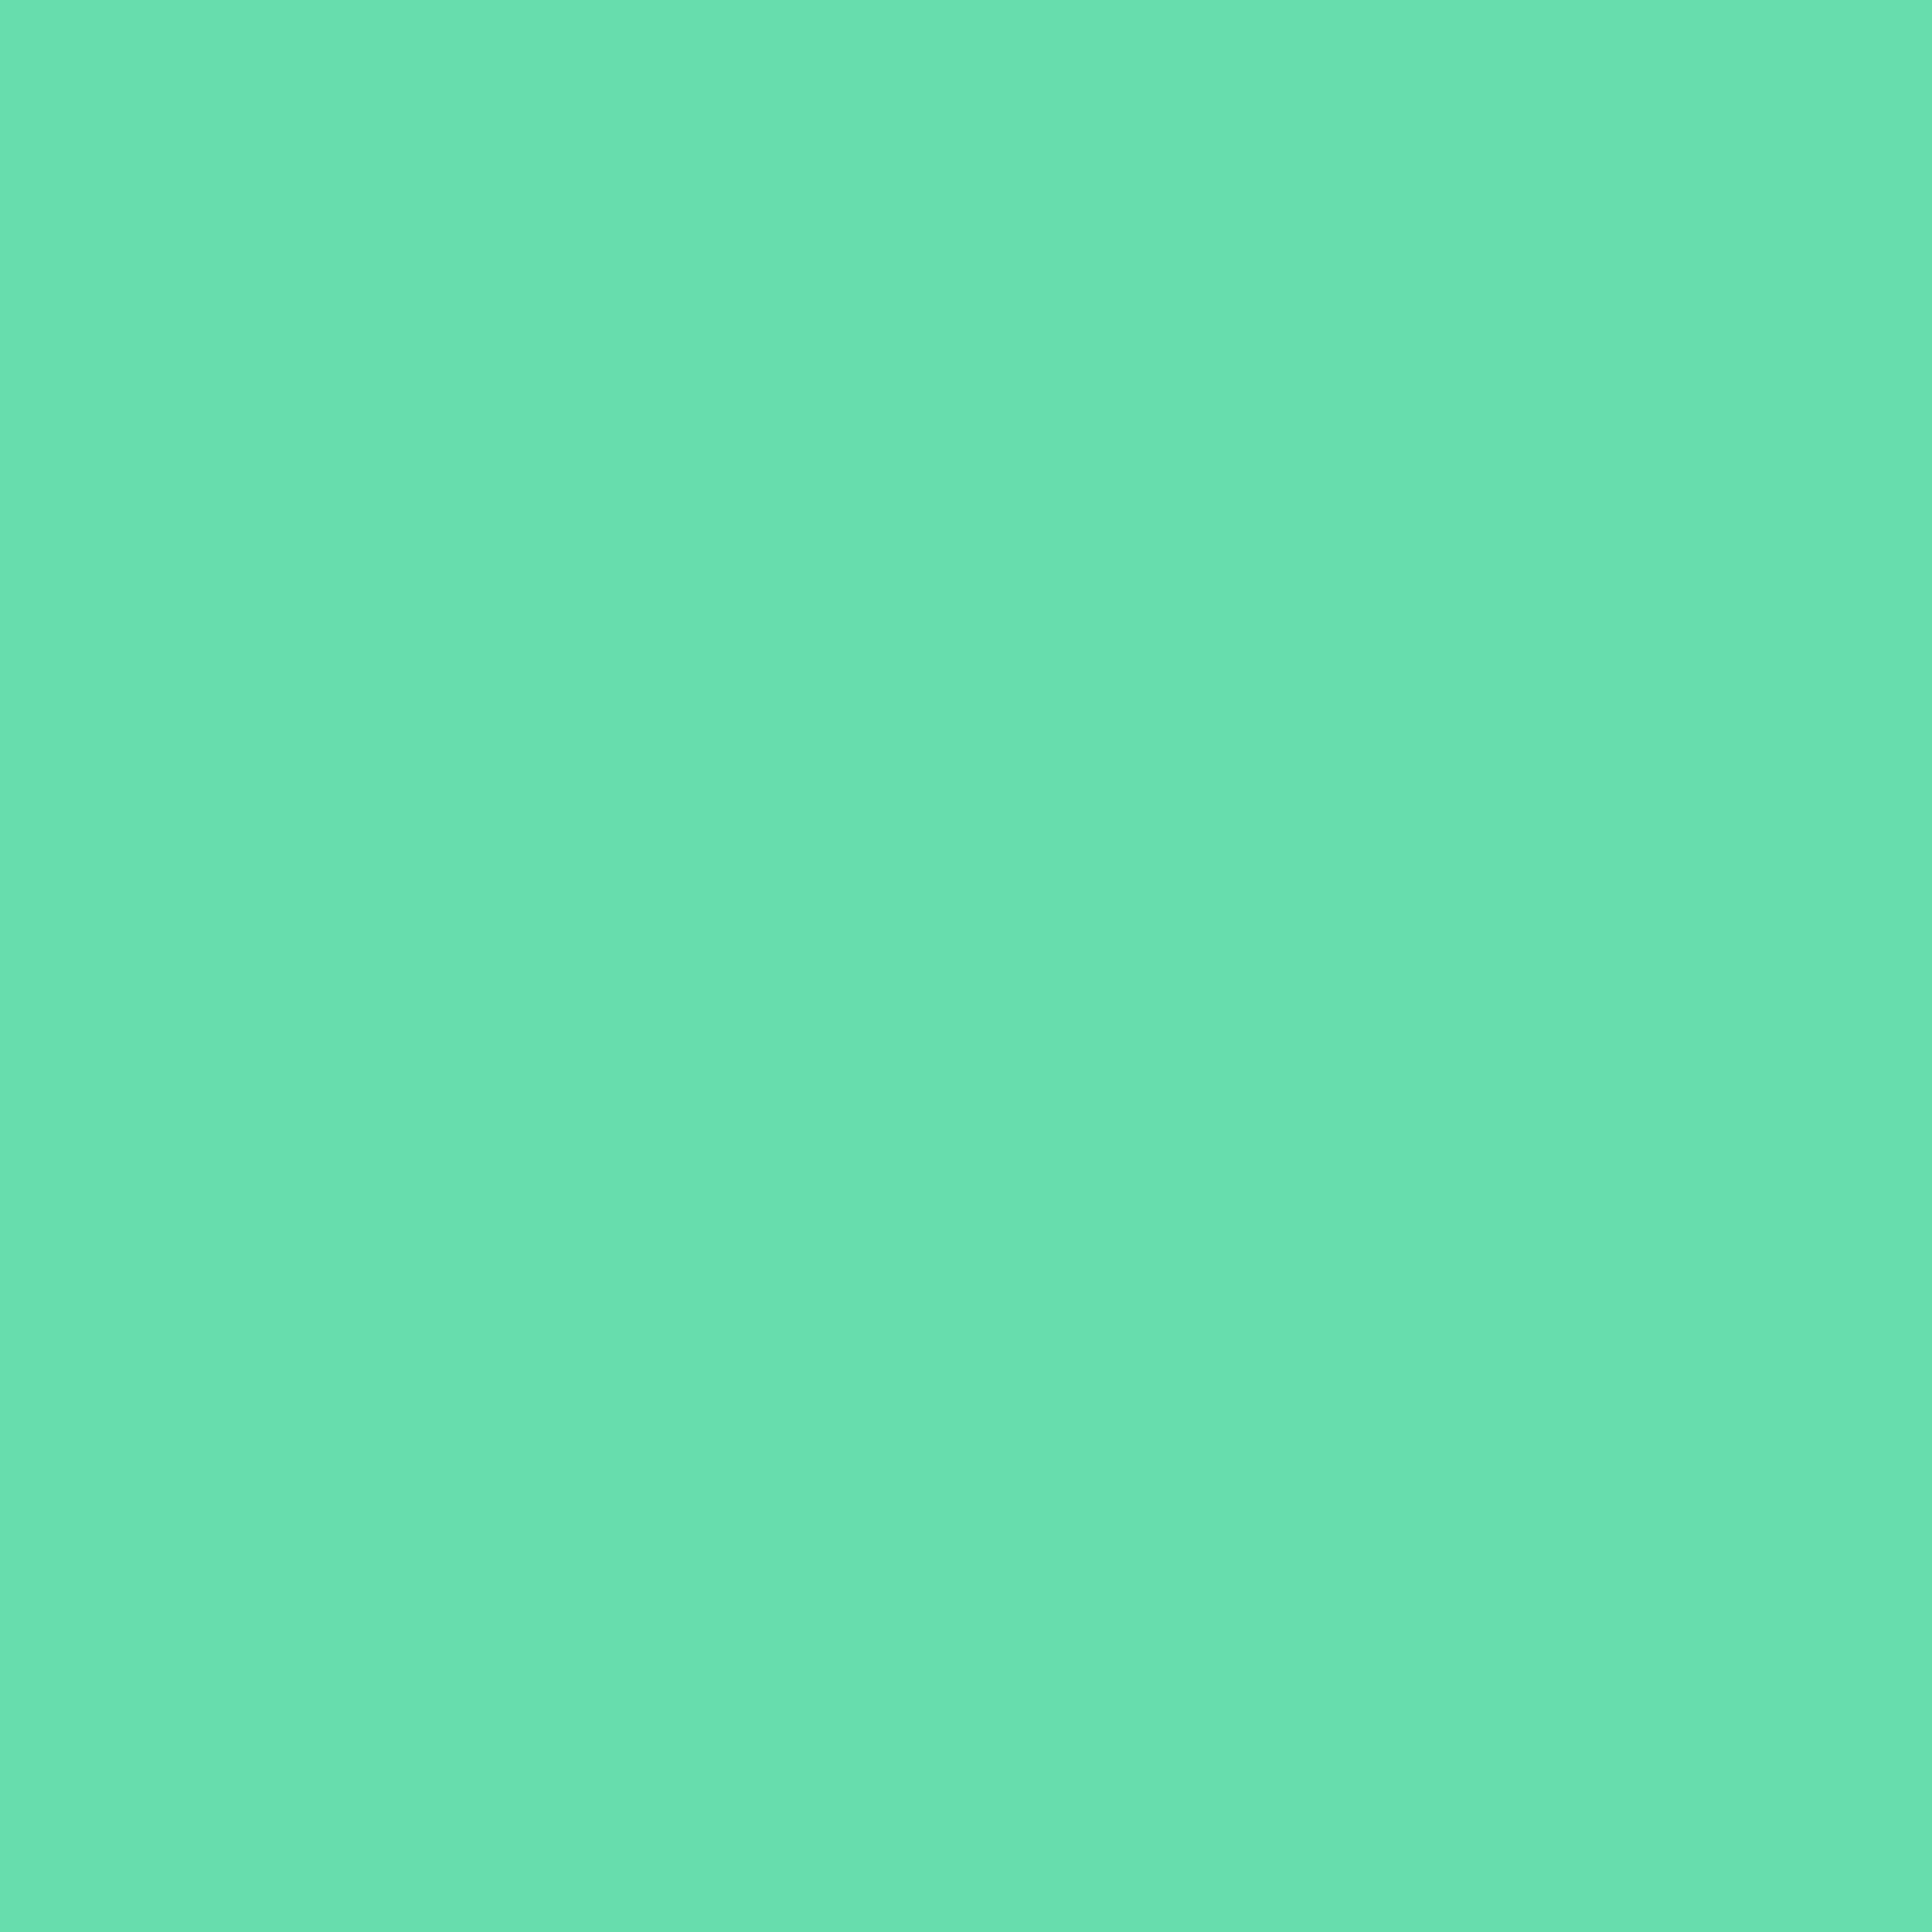 3600x3600 Medium Aquamarine Solid Color Background